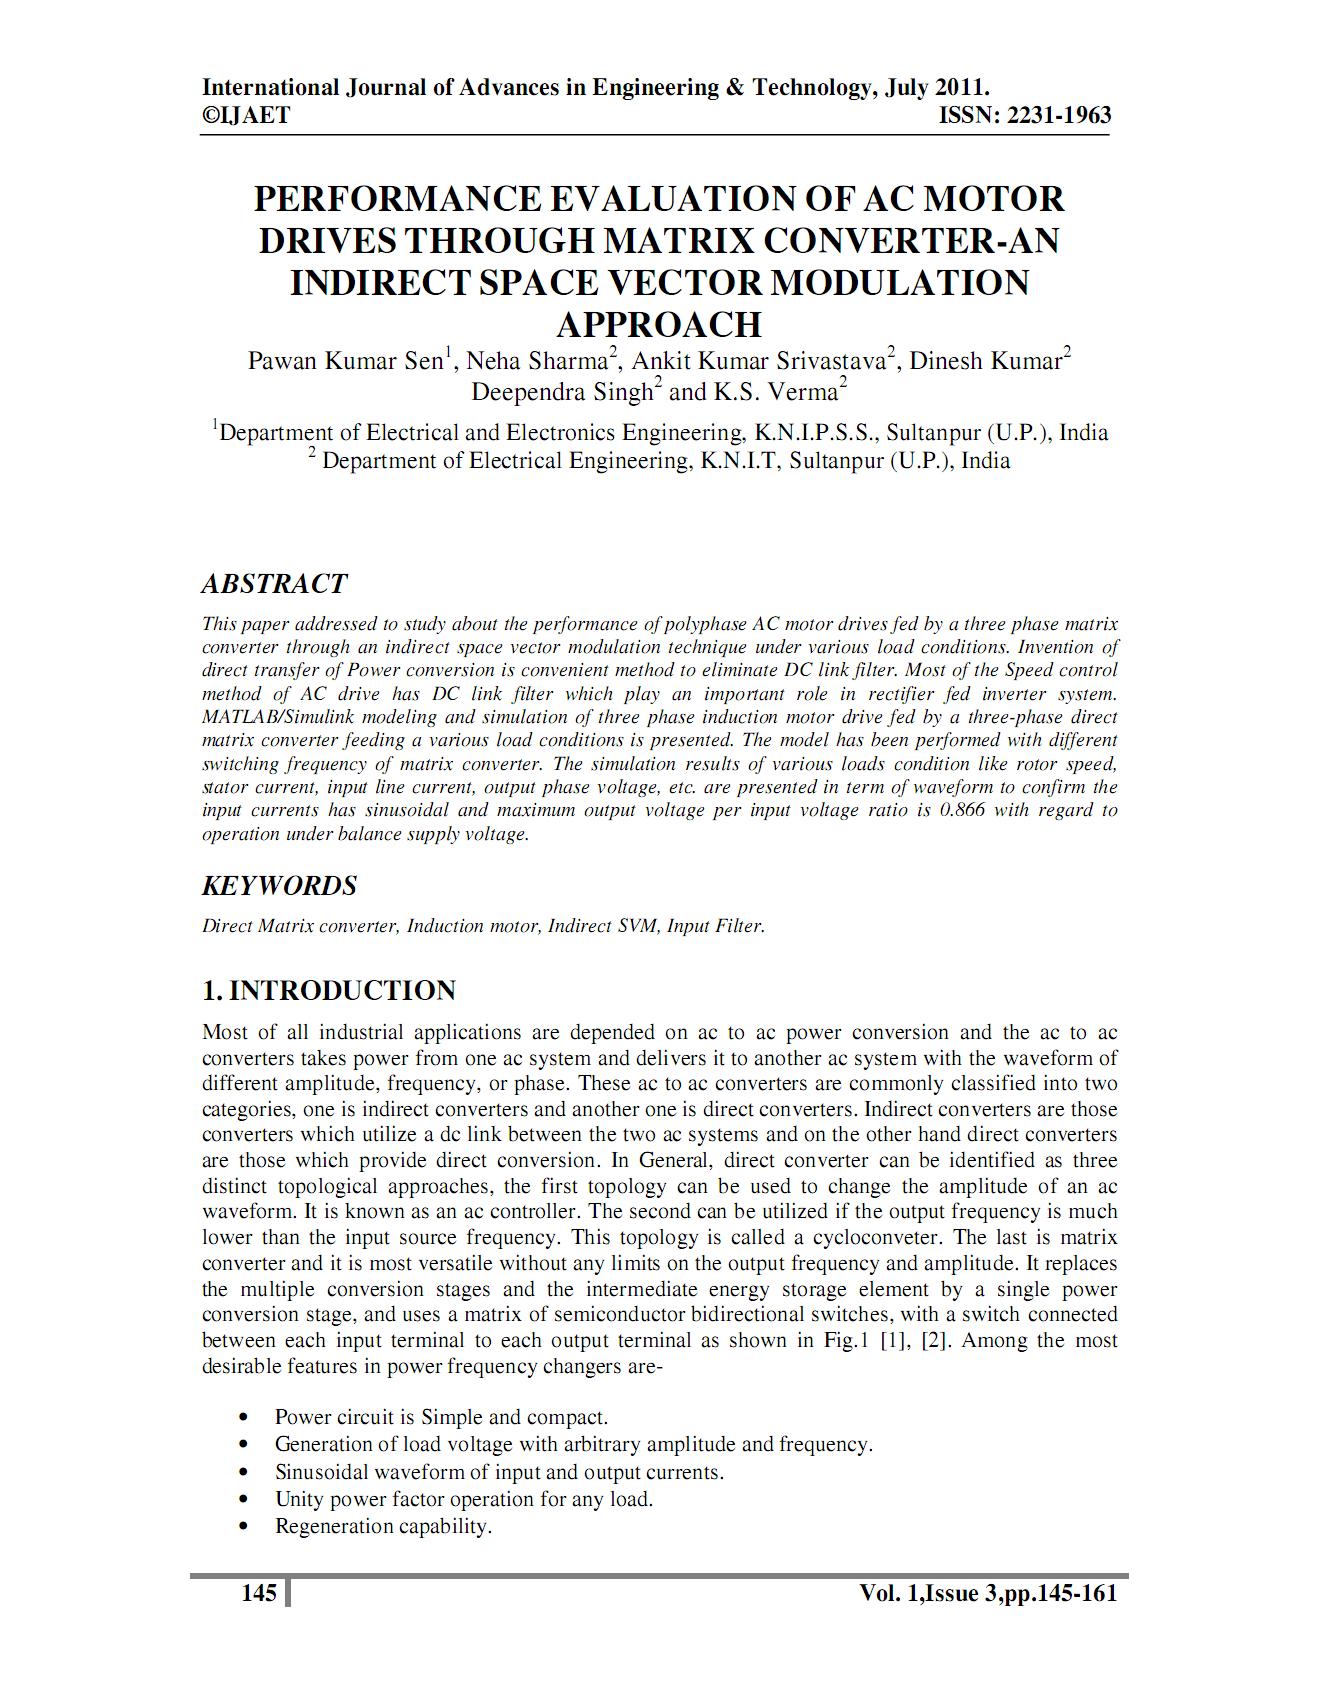 ارزیابی عملکرد درایو موتور AC با مبدل ماتریسی – یک مدولاسیون بردار فضایی غیرمستقیم